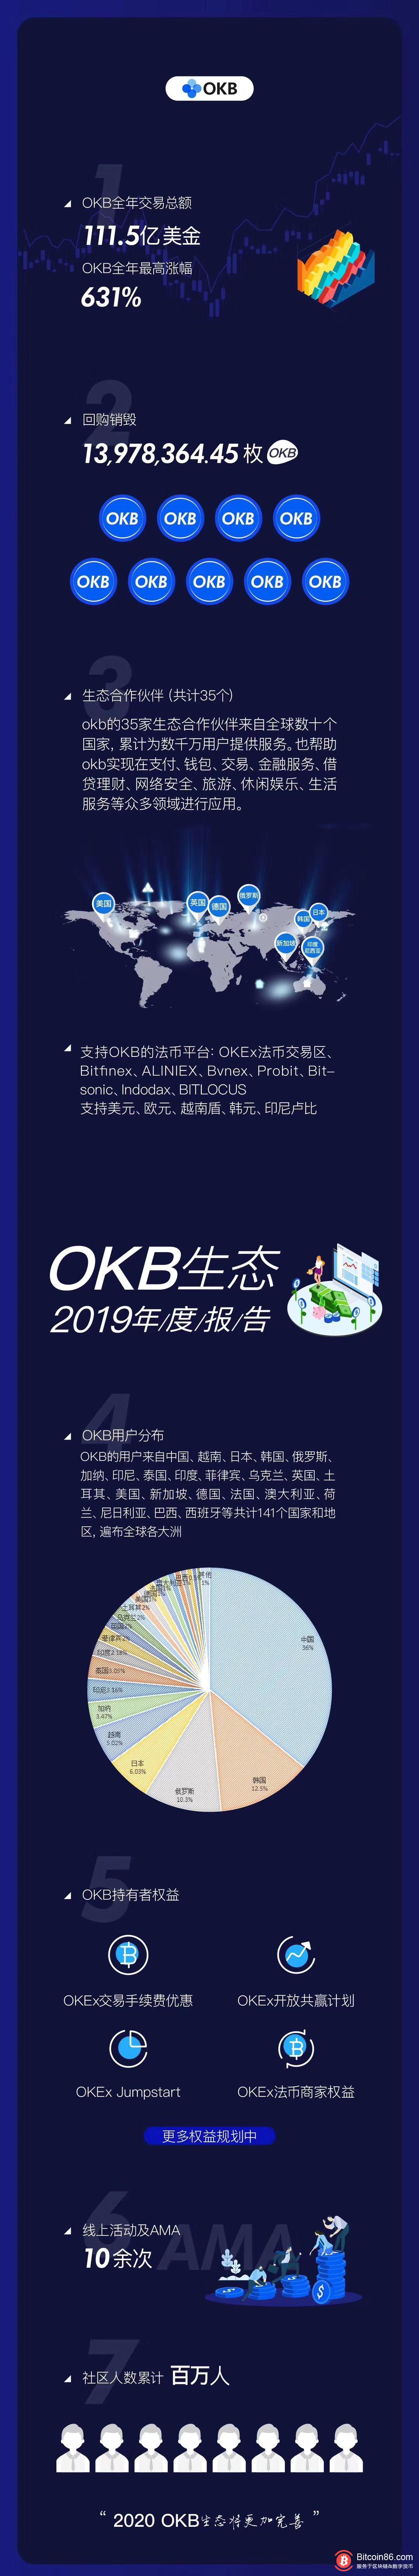 OKB发布2019年度报告:全年交易额111.5亿美元,共回购近1400万枚OKB-币安资讯网